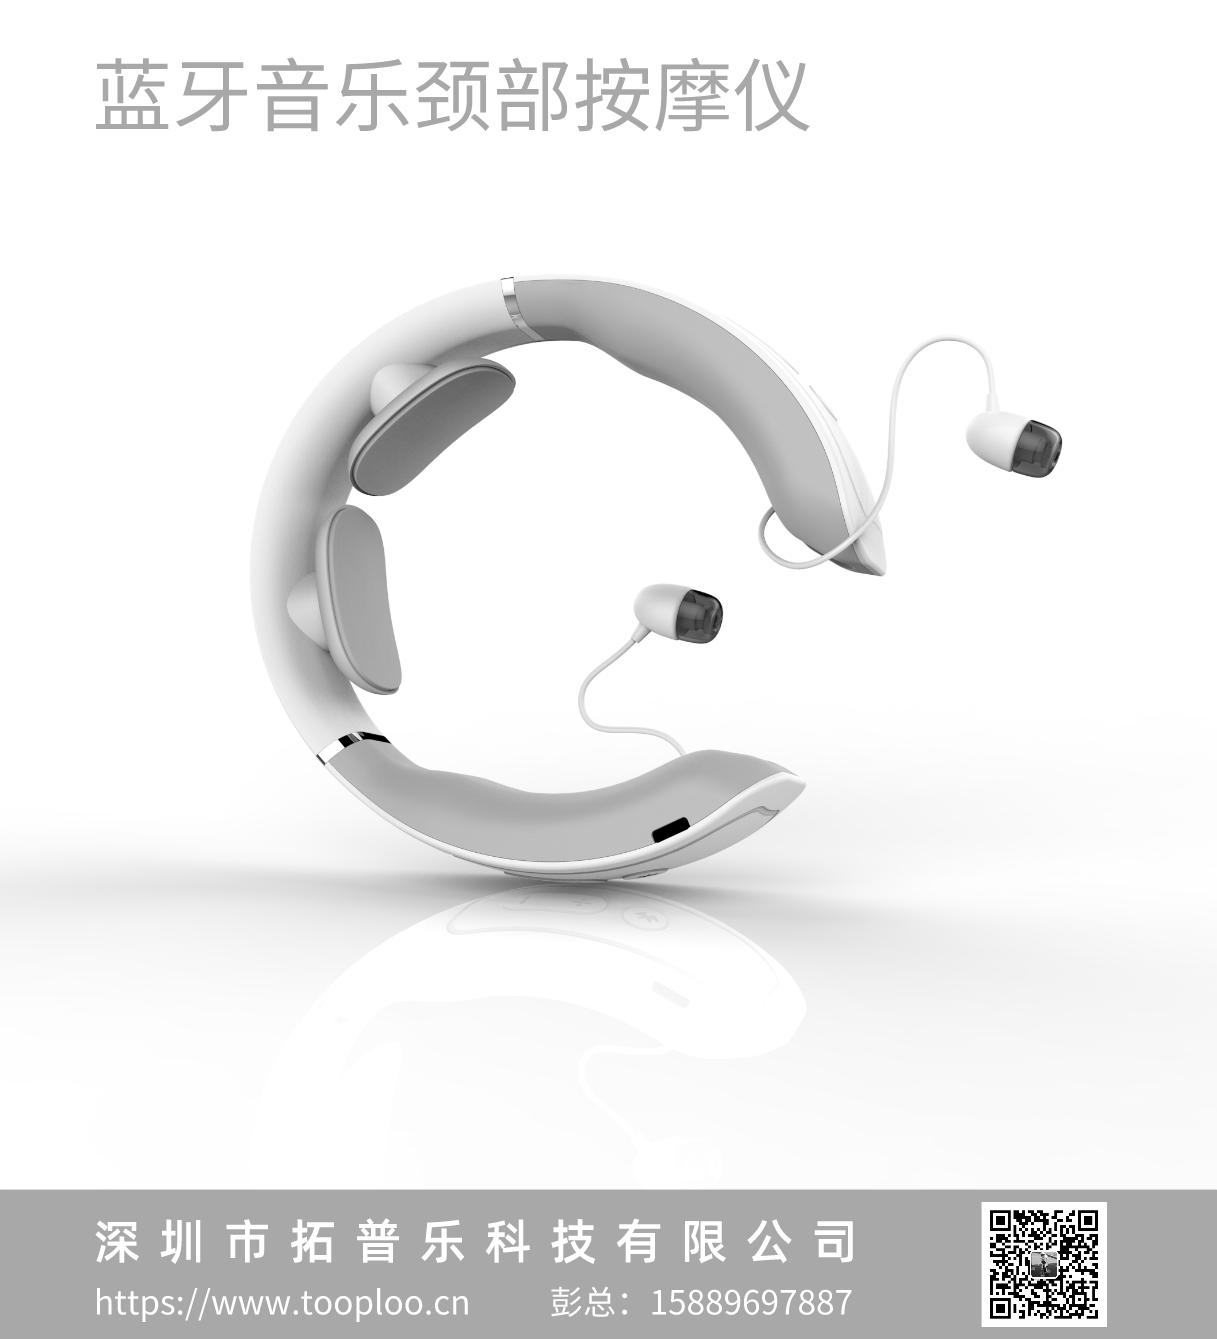 蓝牙音乐颈部按摩仪护颈仪-带蓝牙耳机的按摩仪